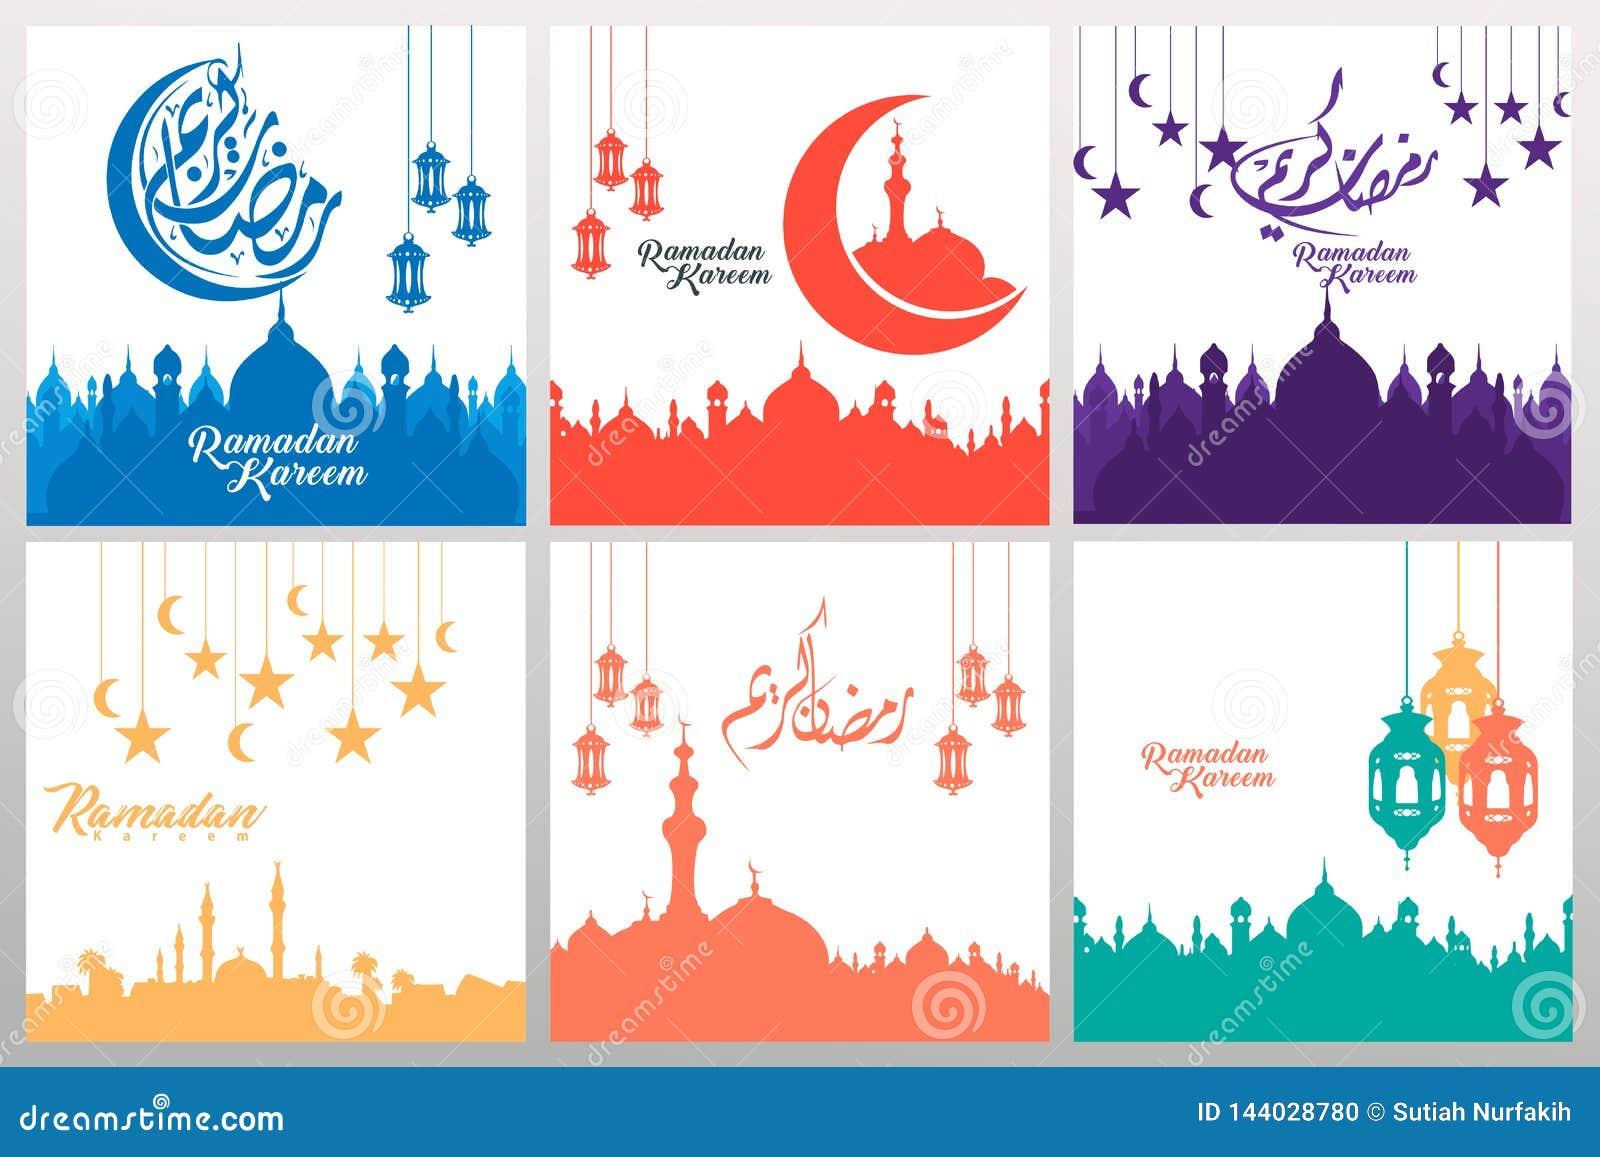 Uppsättning av utsmyckade fyrkantiga hälsa kort med ramadan kalligrafi och prydnadvirvelramen illustration